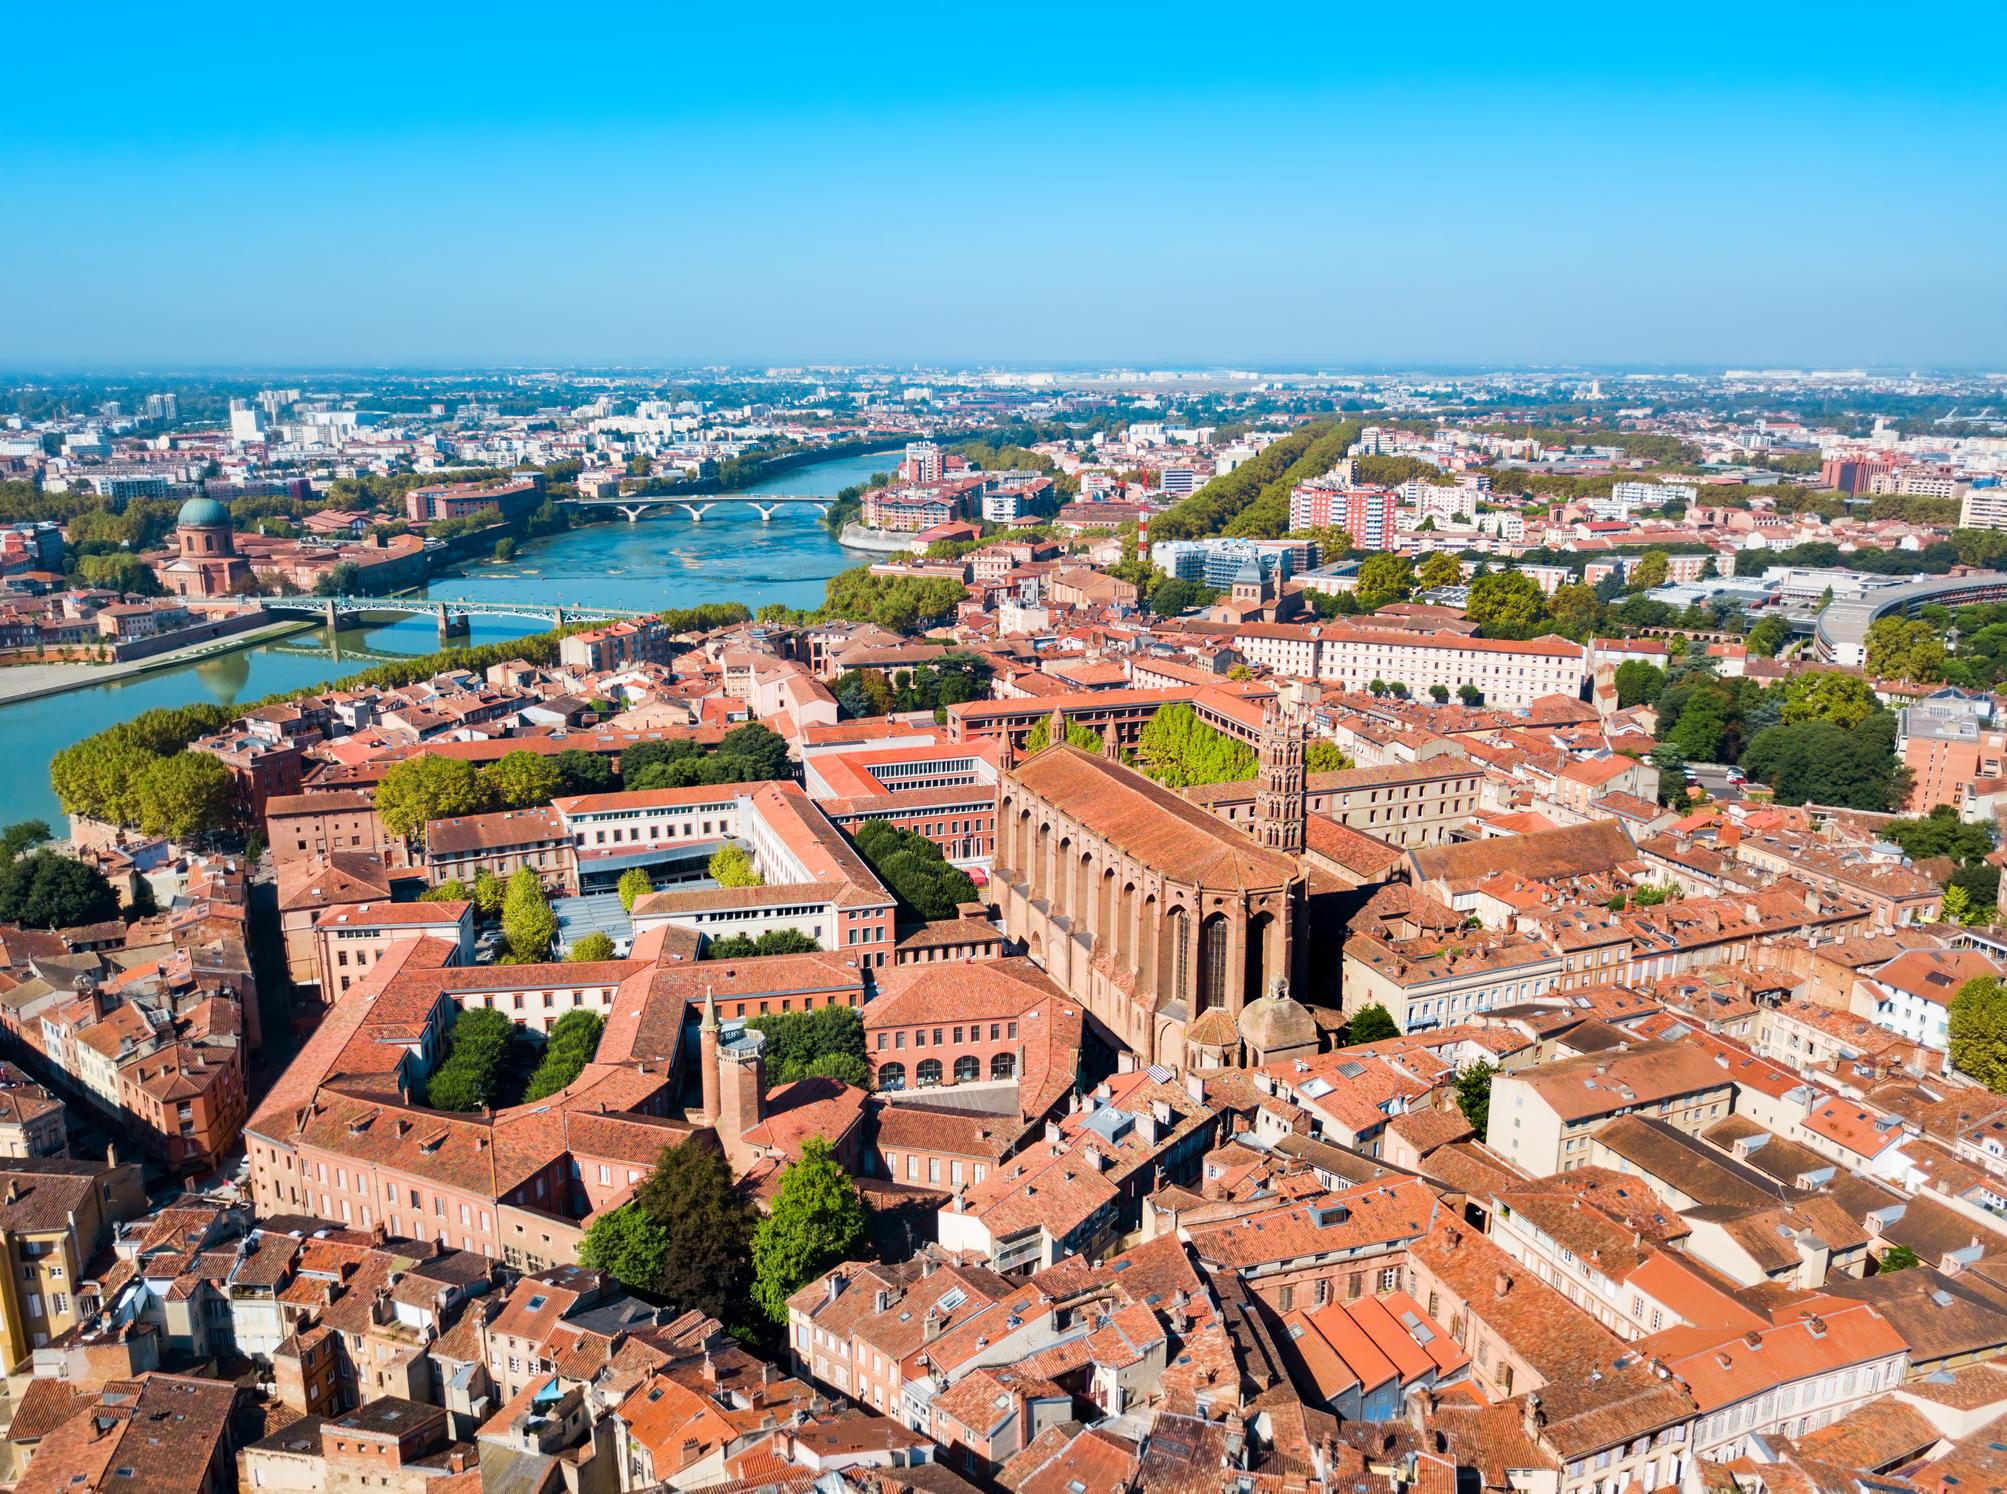 Paysage vu du ciel ville Toulouse